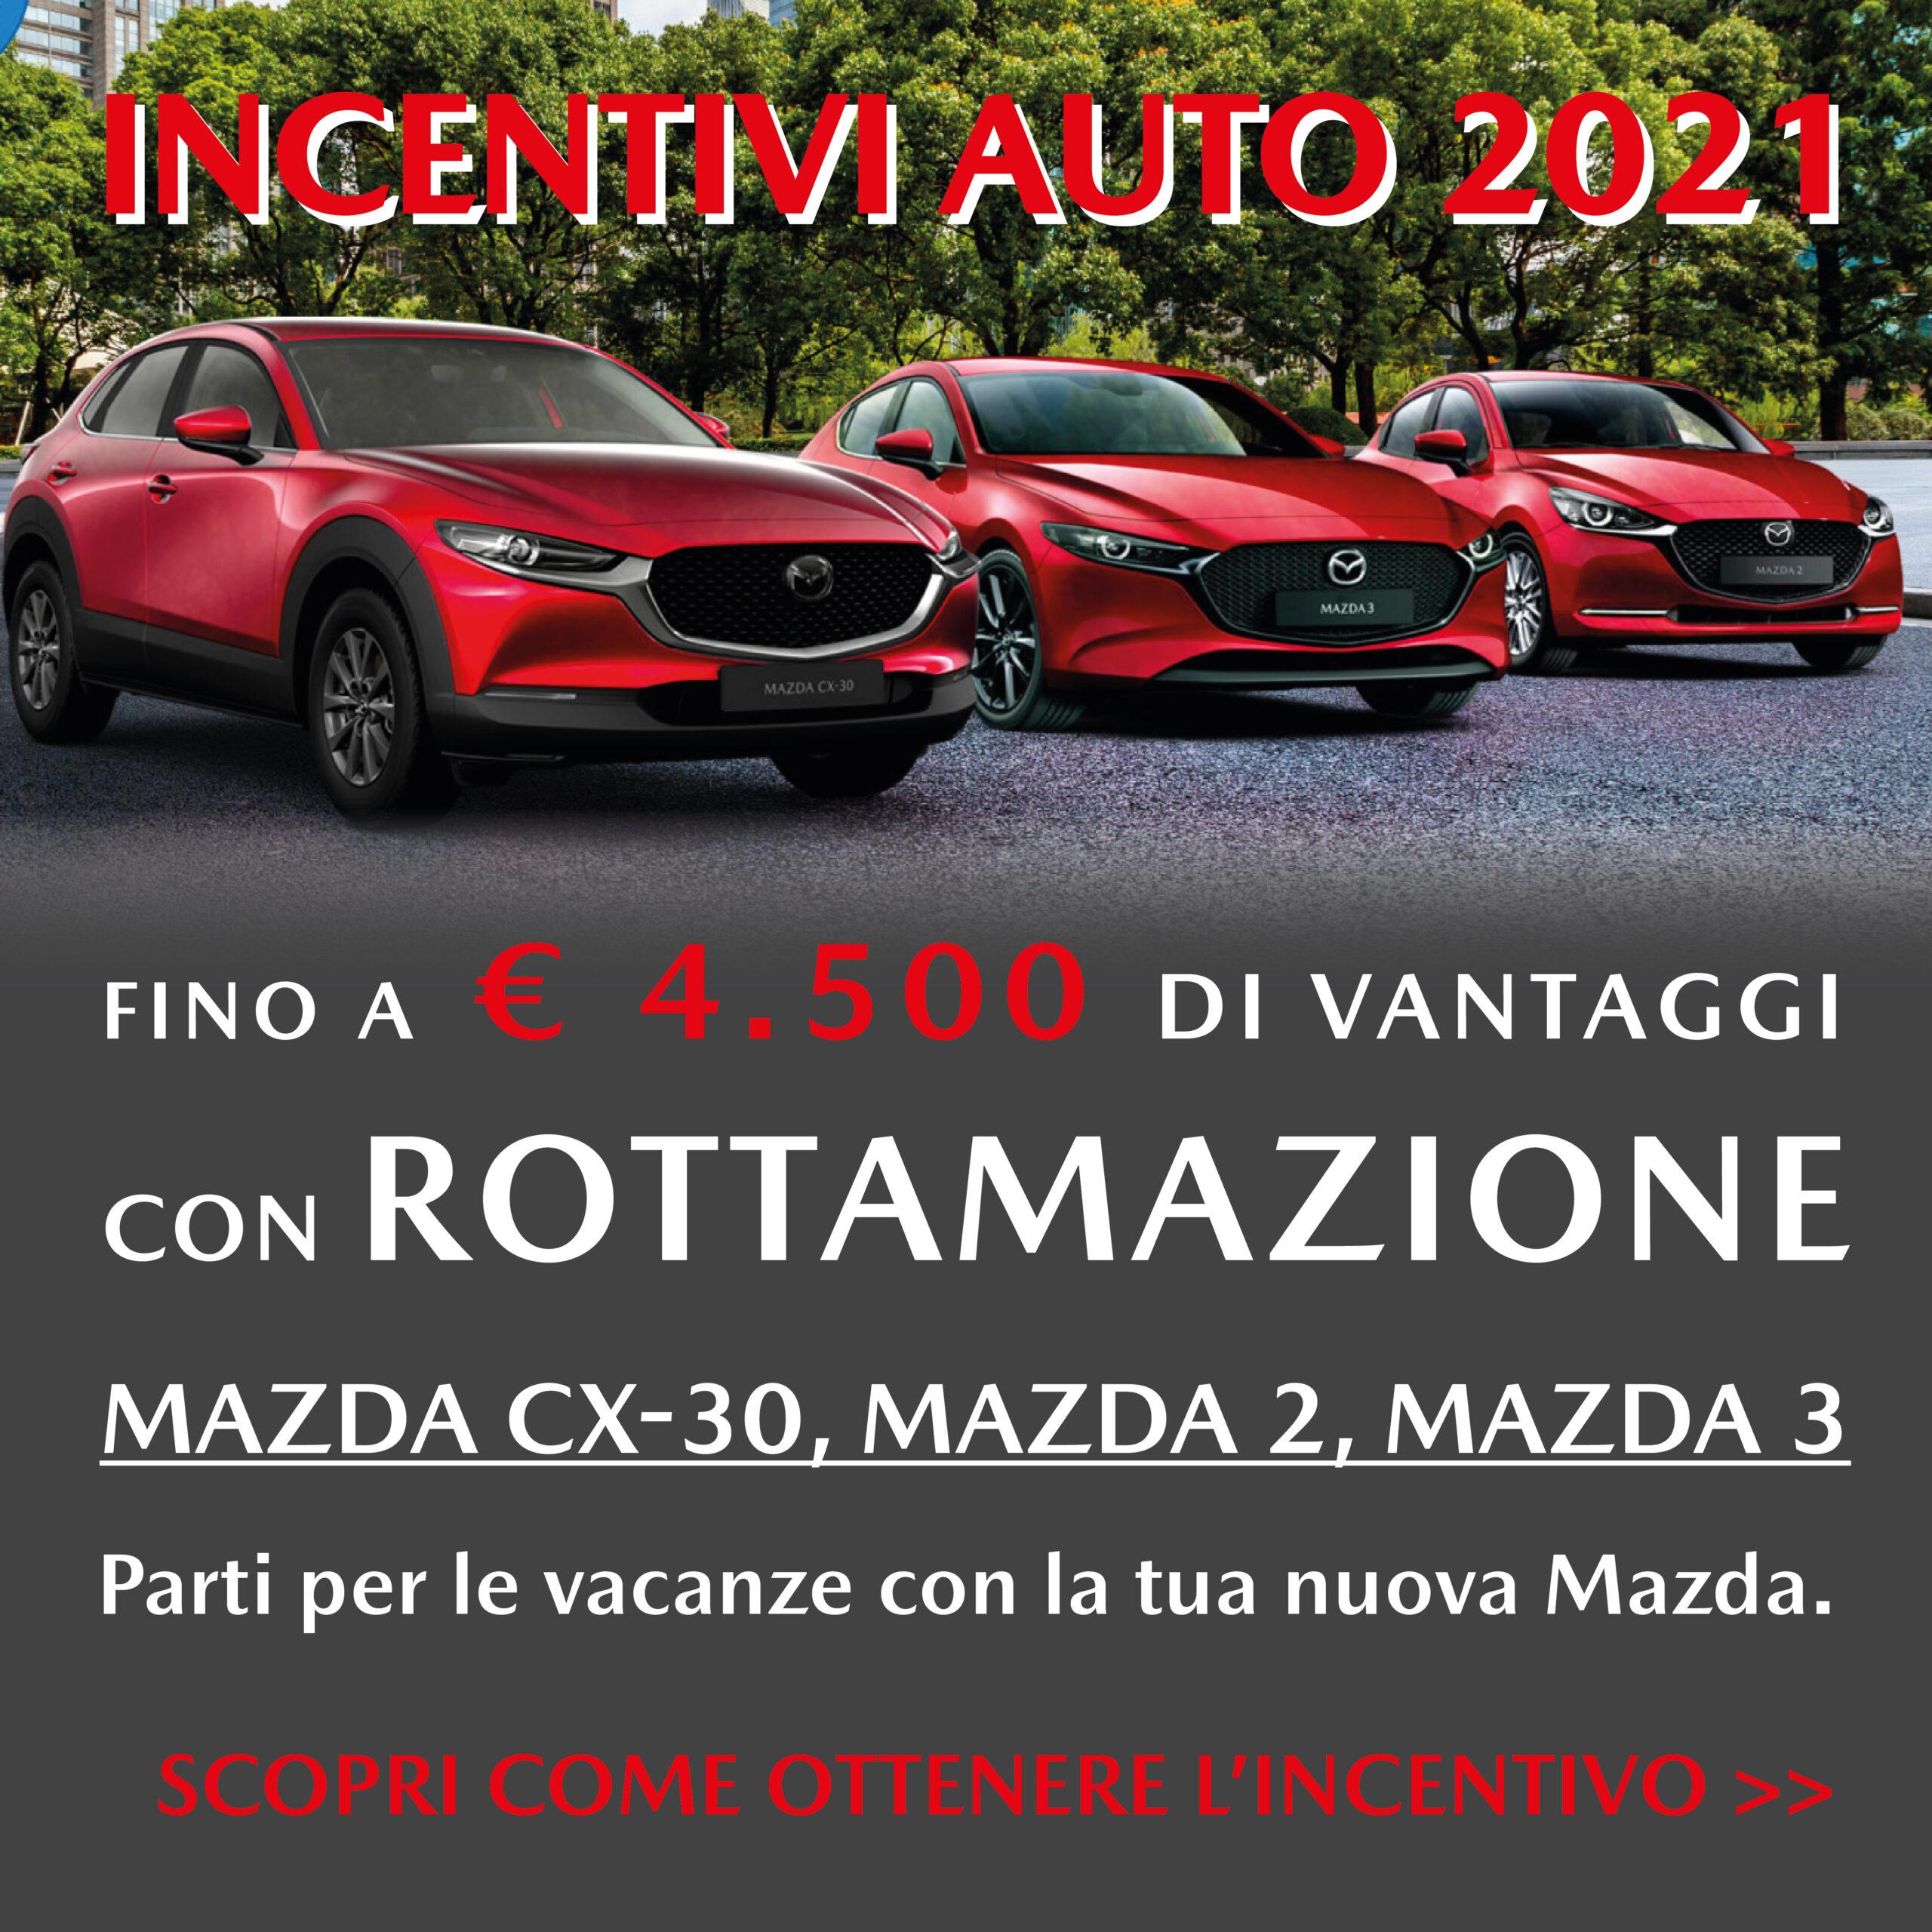 Mazda Ecoincentivo